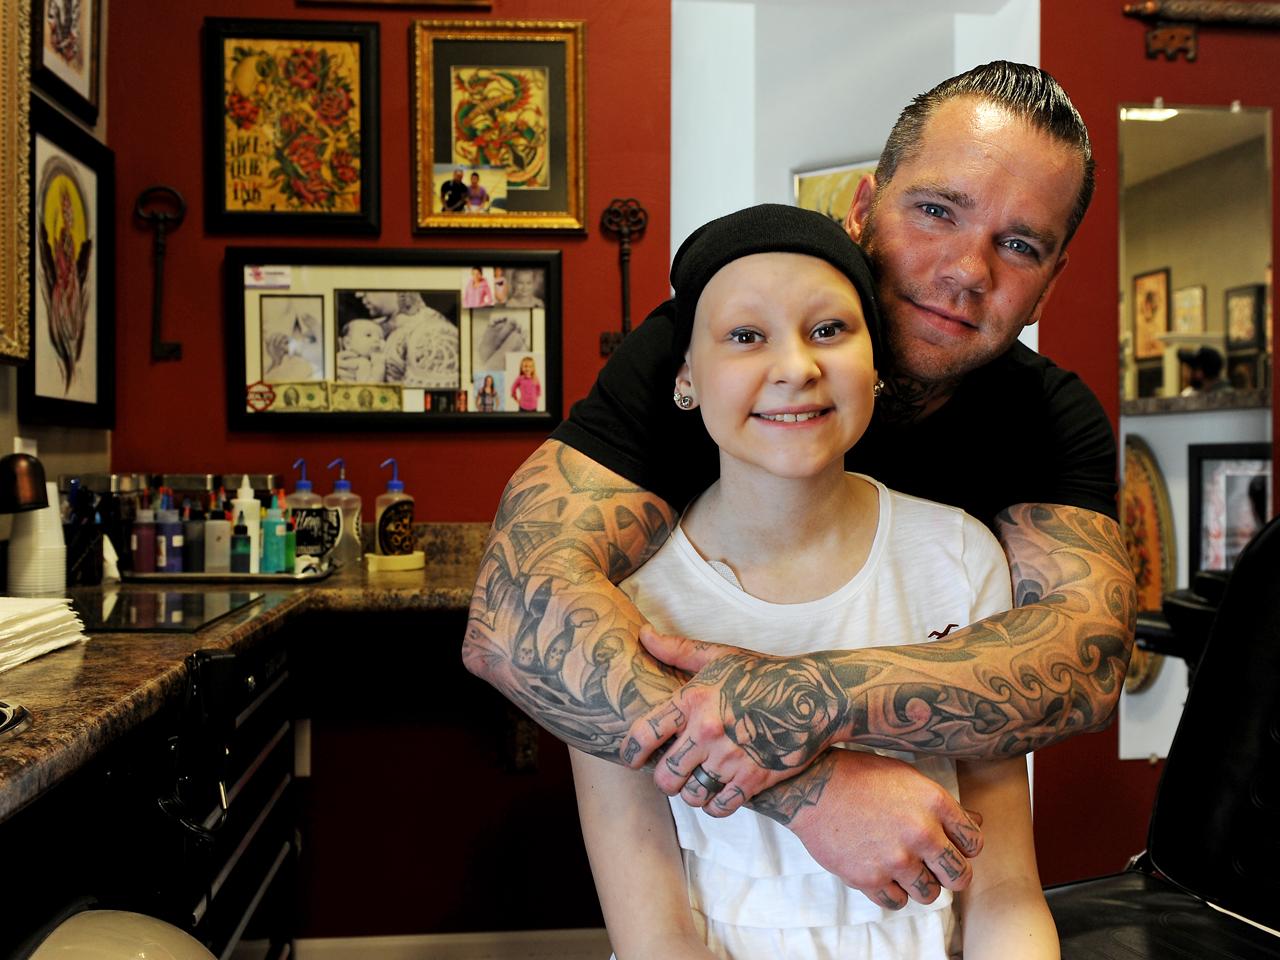 Teen step daughter helps dad thru breakup part 4 - 2 1